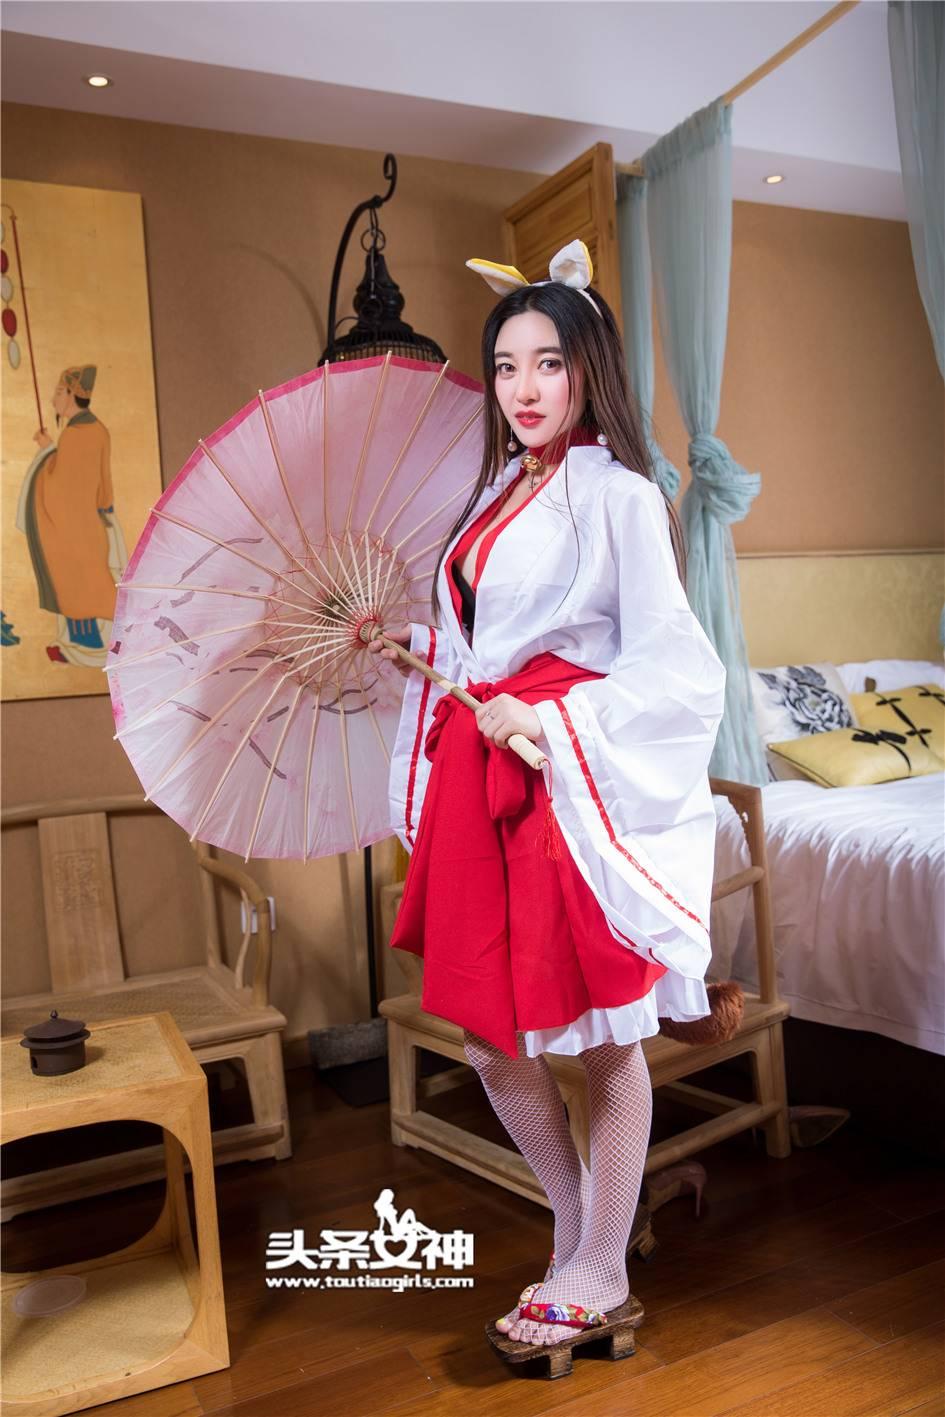 性感美乳兔女郎李梓熙和服白丝诱惑(28张)